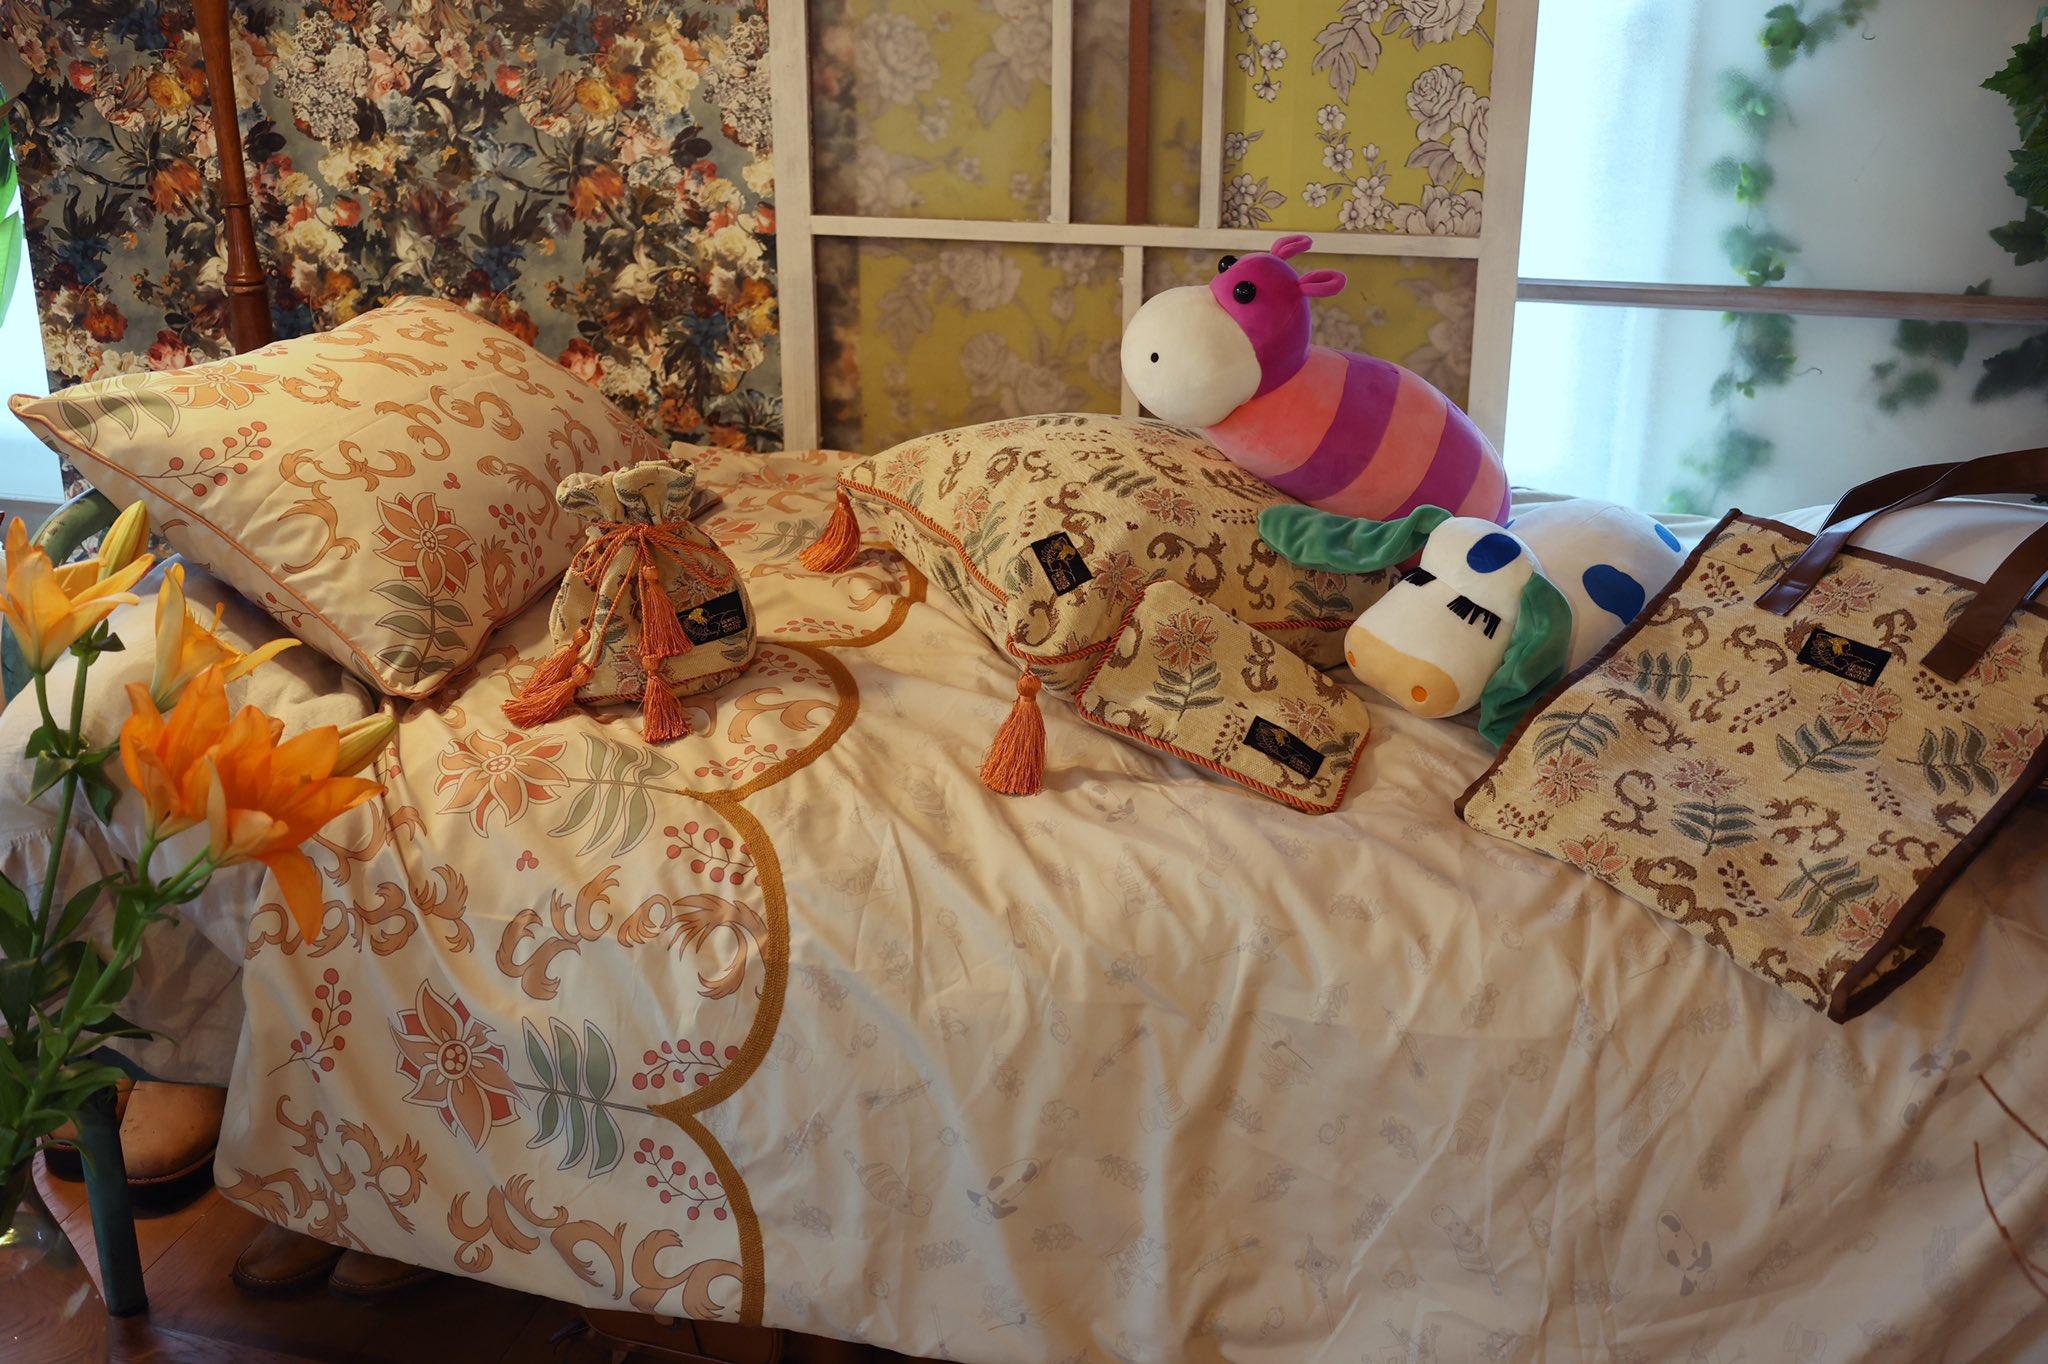 ハウルの部屋を再現できる!ベッドカバーやぬいぐるみセットでジブリ部屋を作ろう